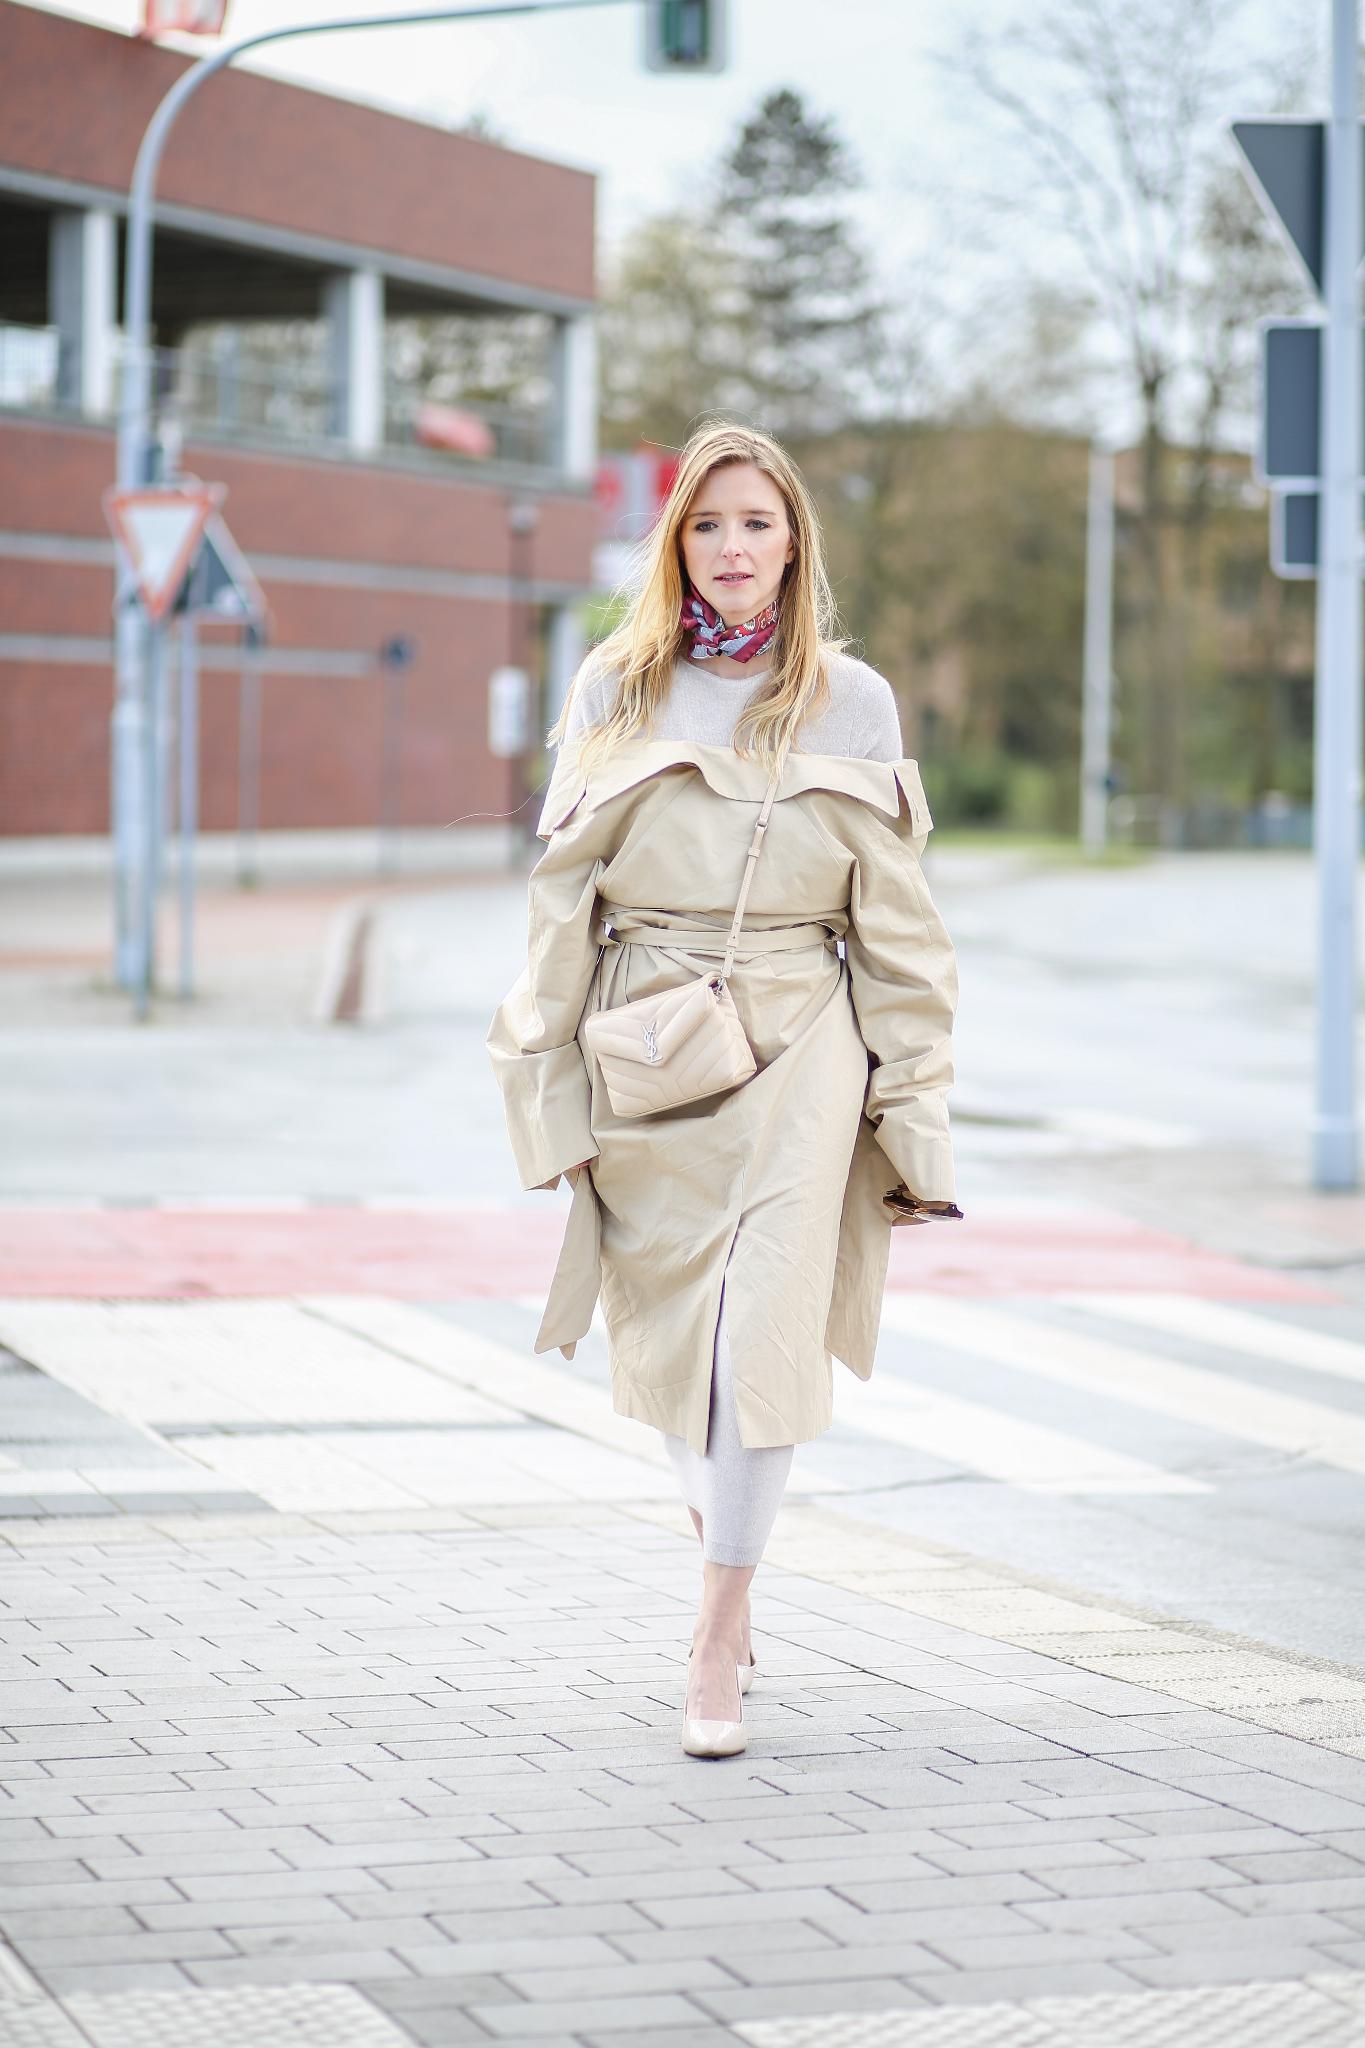 MOD-by-Monique-Fashion-Looks-The-cashmere-dress-7